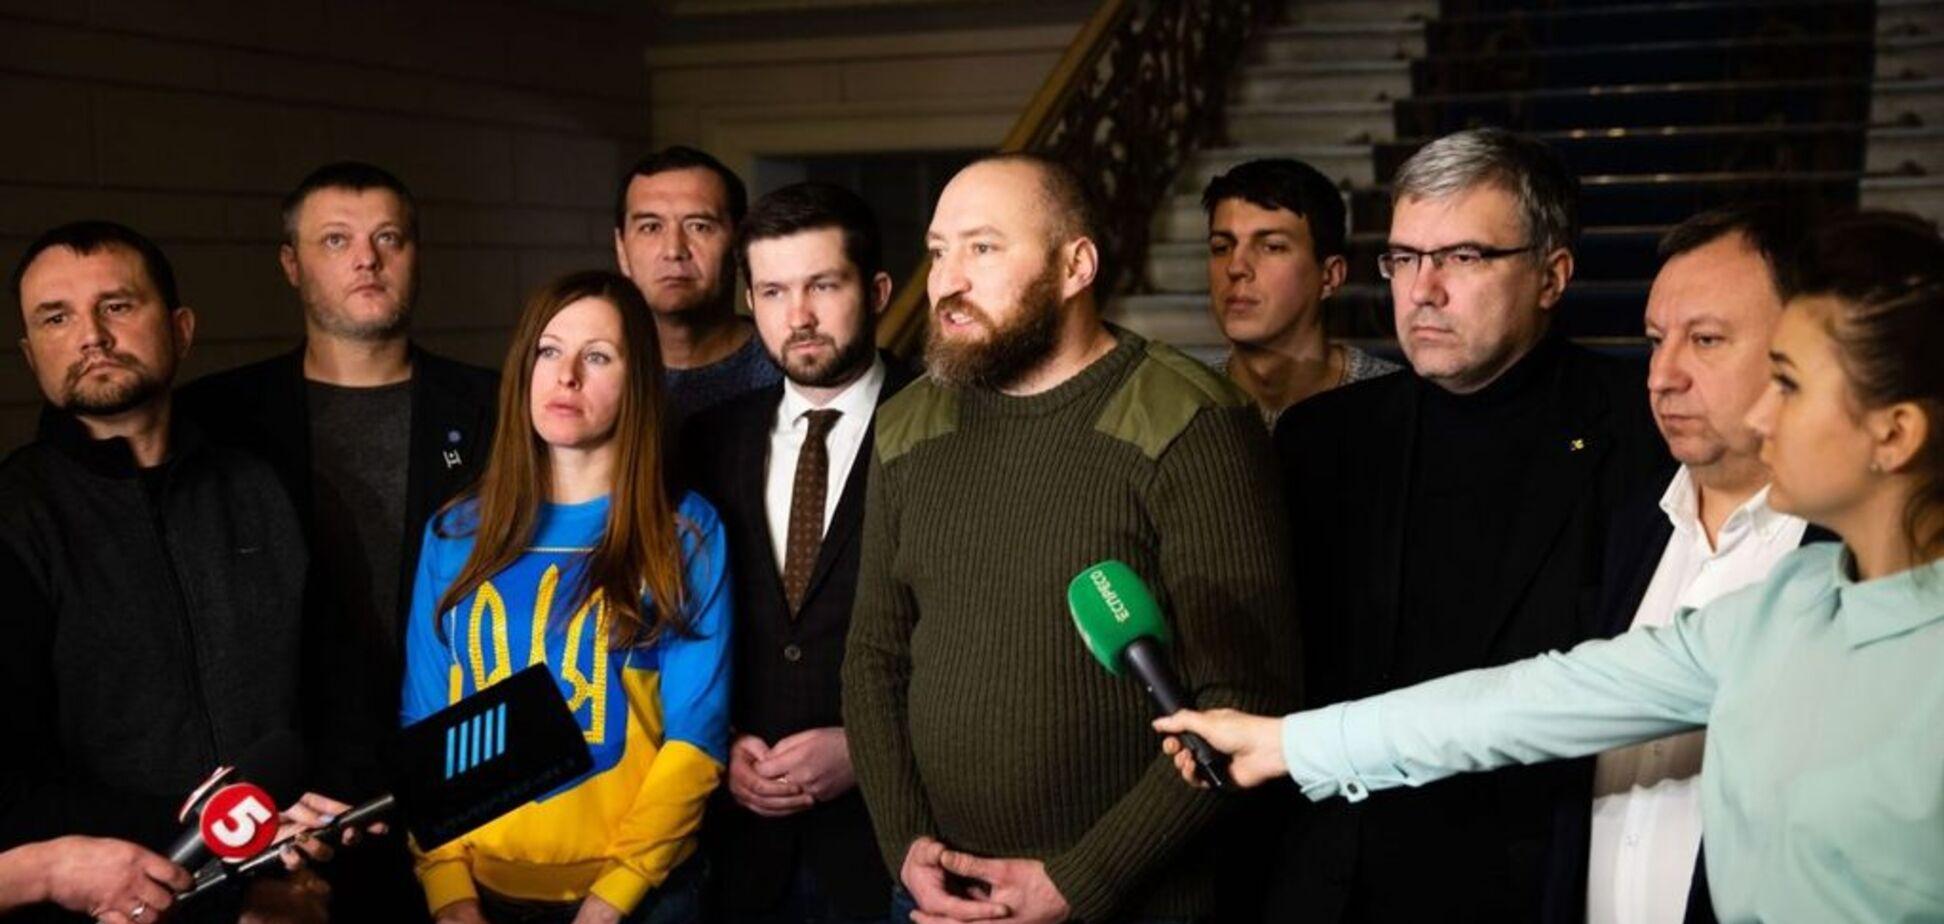 'ЕС' и родные Небесной сотни объединились против адвоката Януковича в ГБР